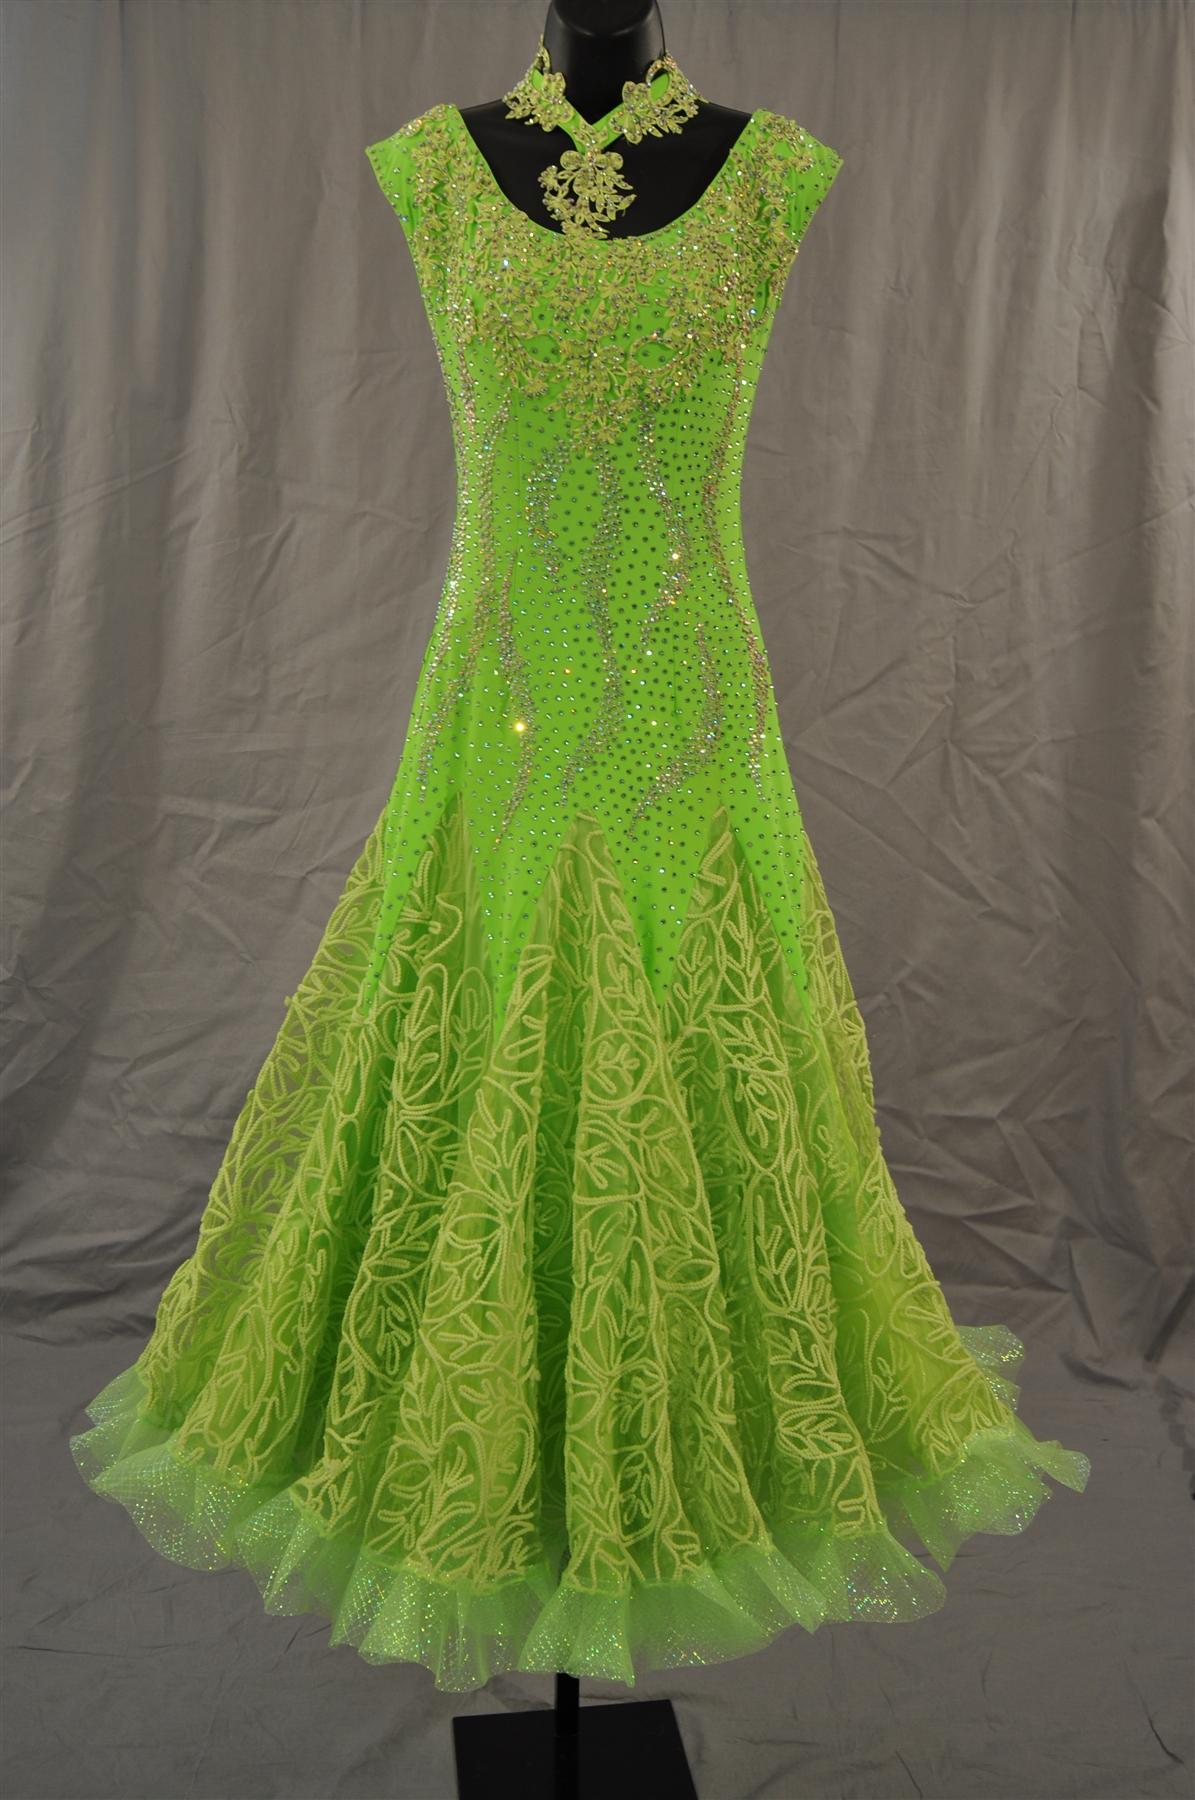 Patterned Skirt Lime Green Ballroom Dress